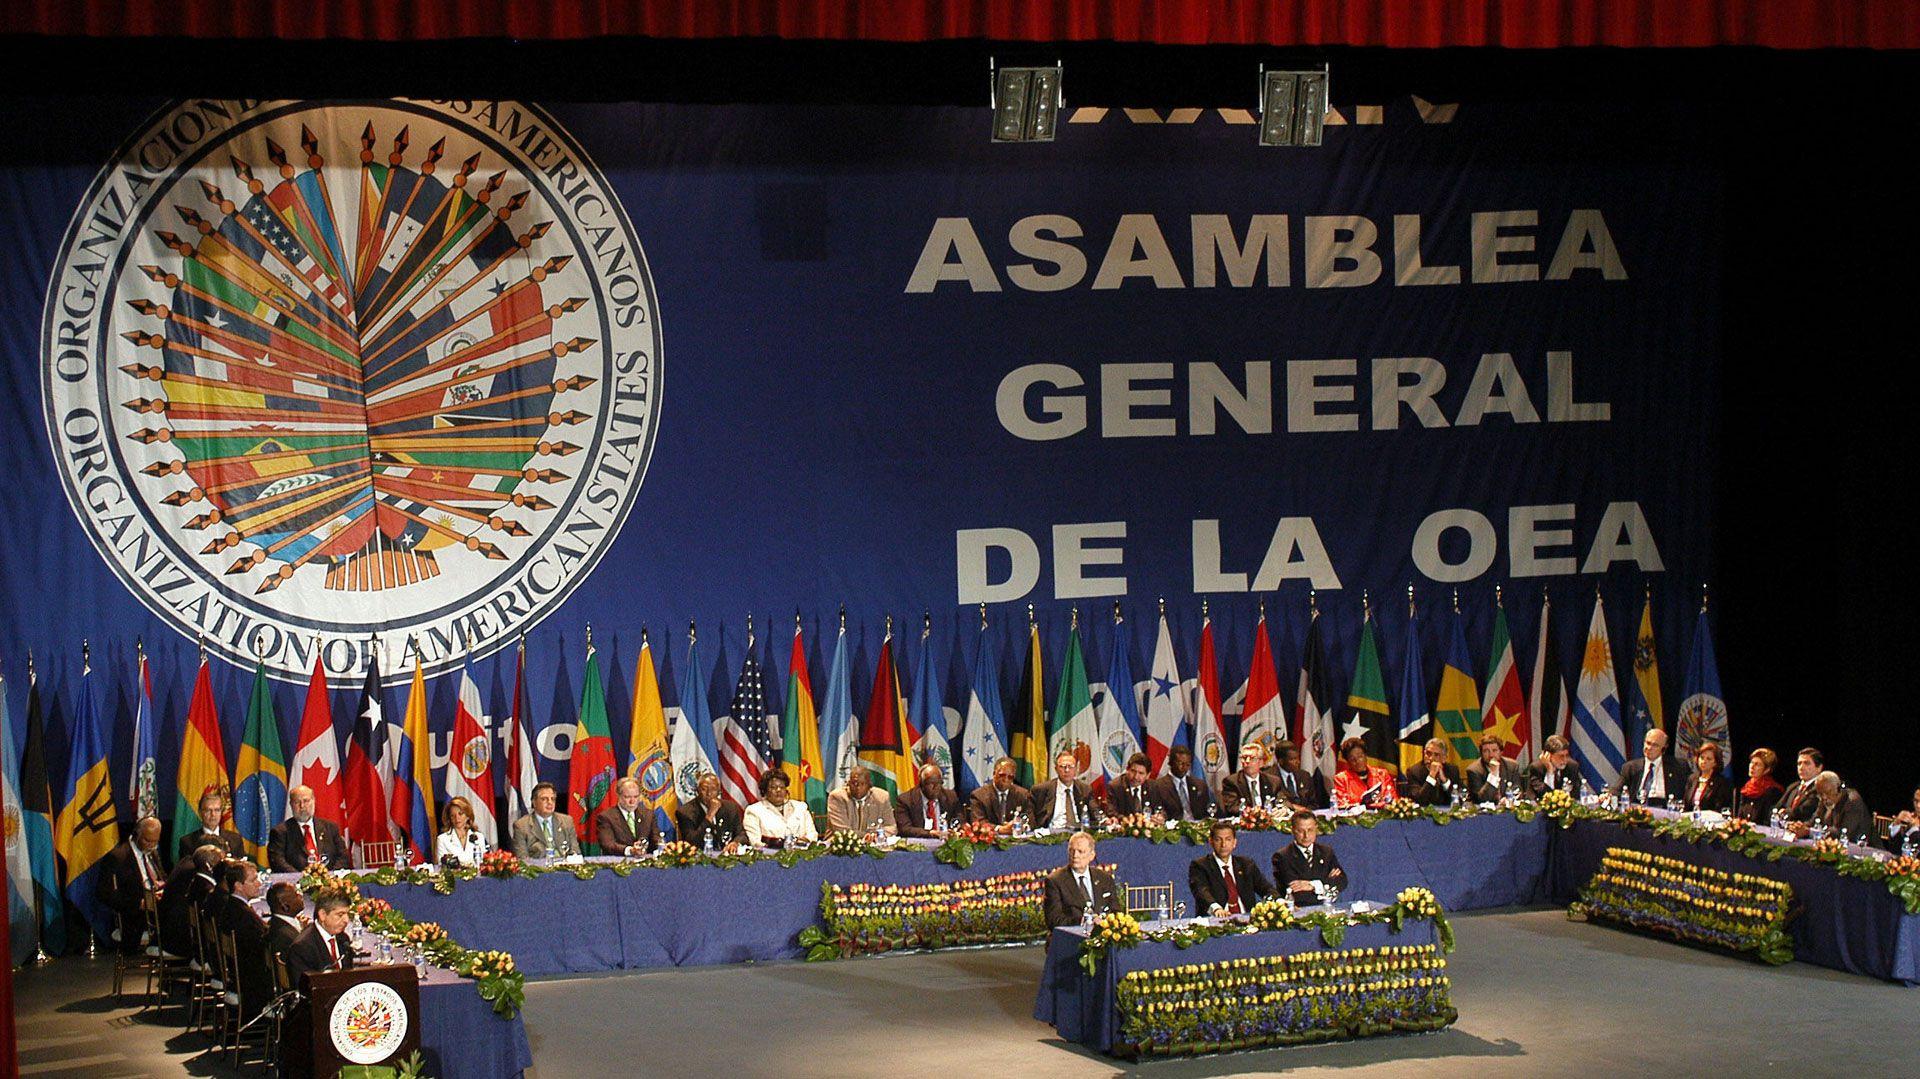 La Asamblea de la Organización de Estados Americanos (UEA) representa a todos los países de la región con excepción de Cuba y Venezuela